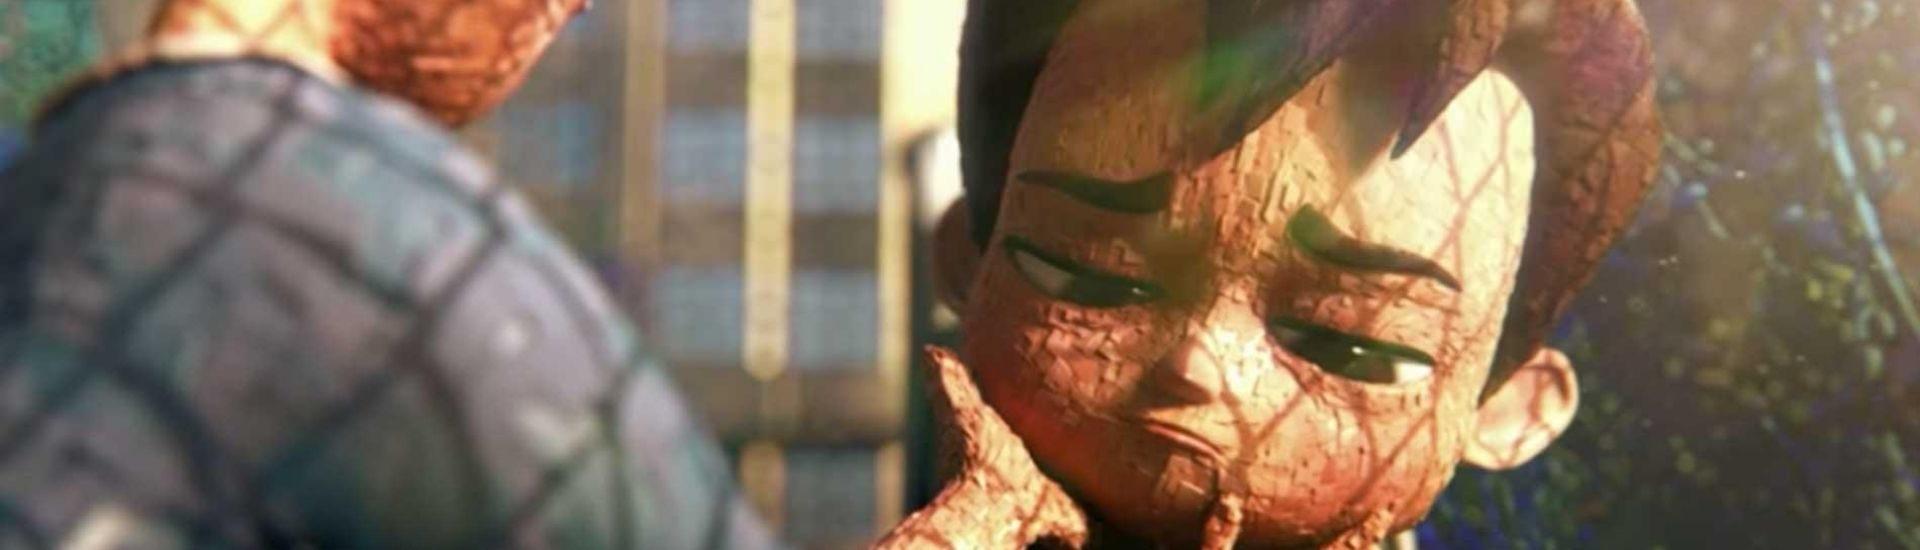 Captura de pantalla de una de las escenas del cortometraje IAN